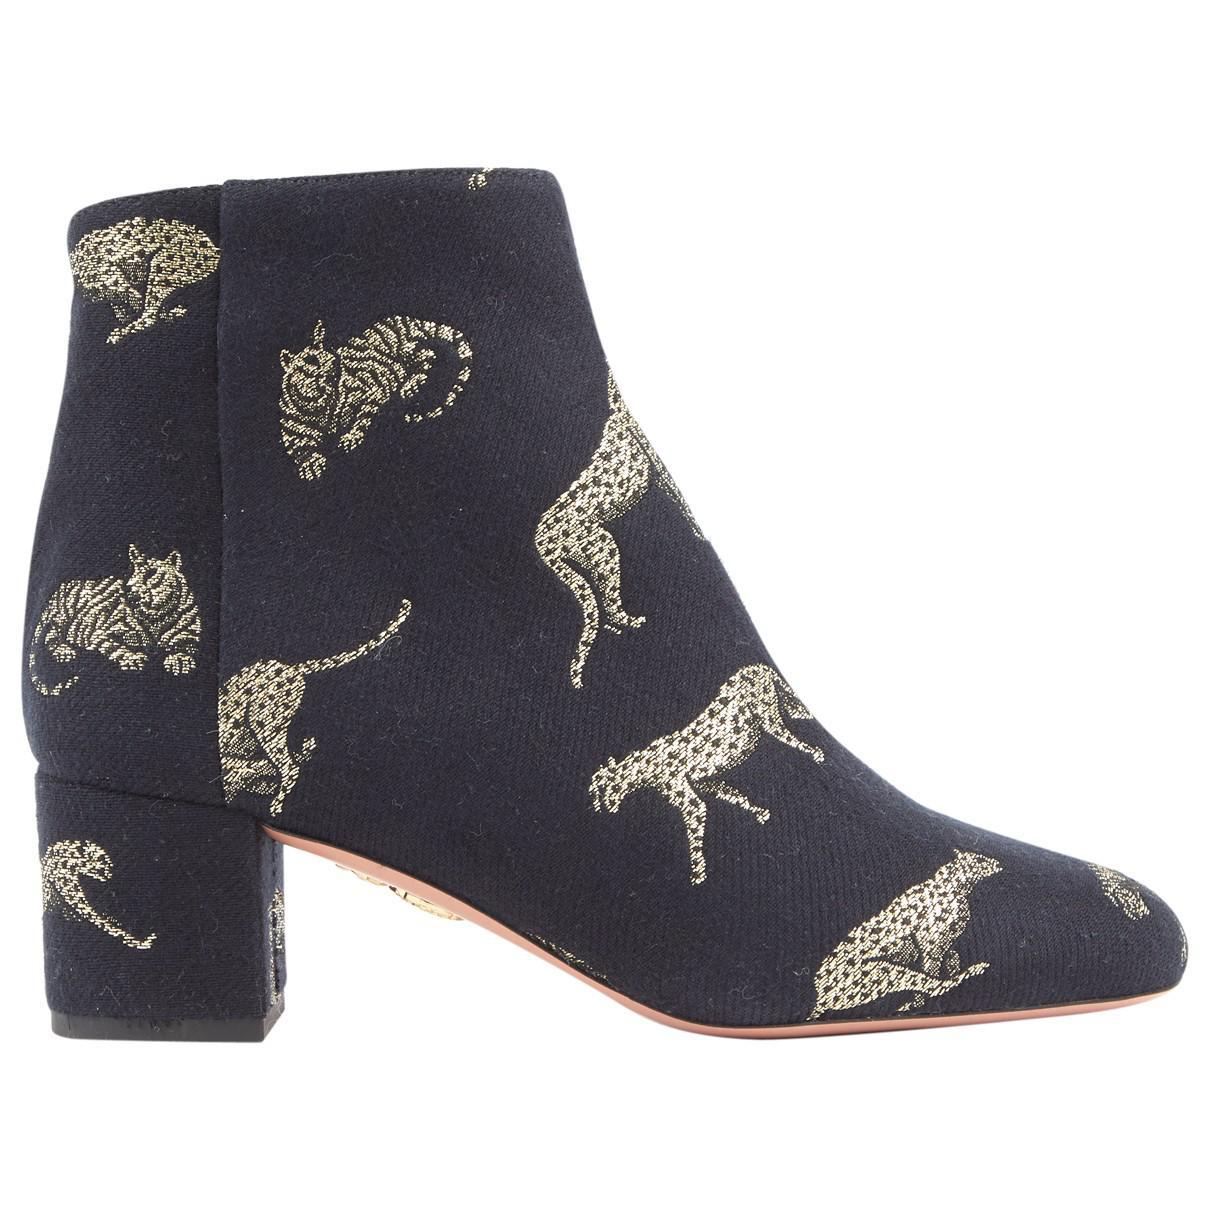 Aquazzura Cloth Boots 0JguHRN